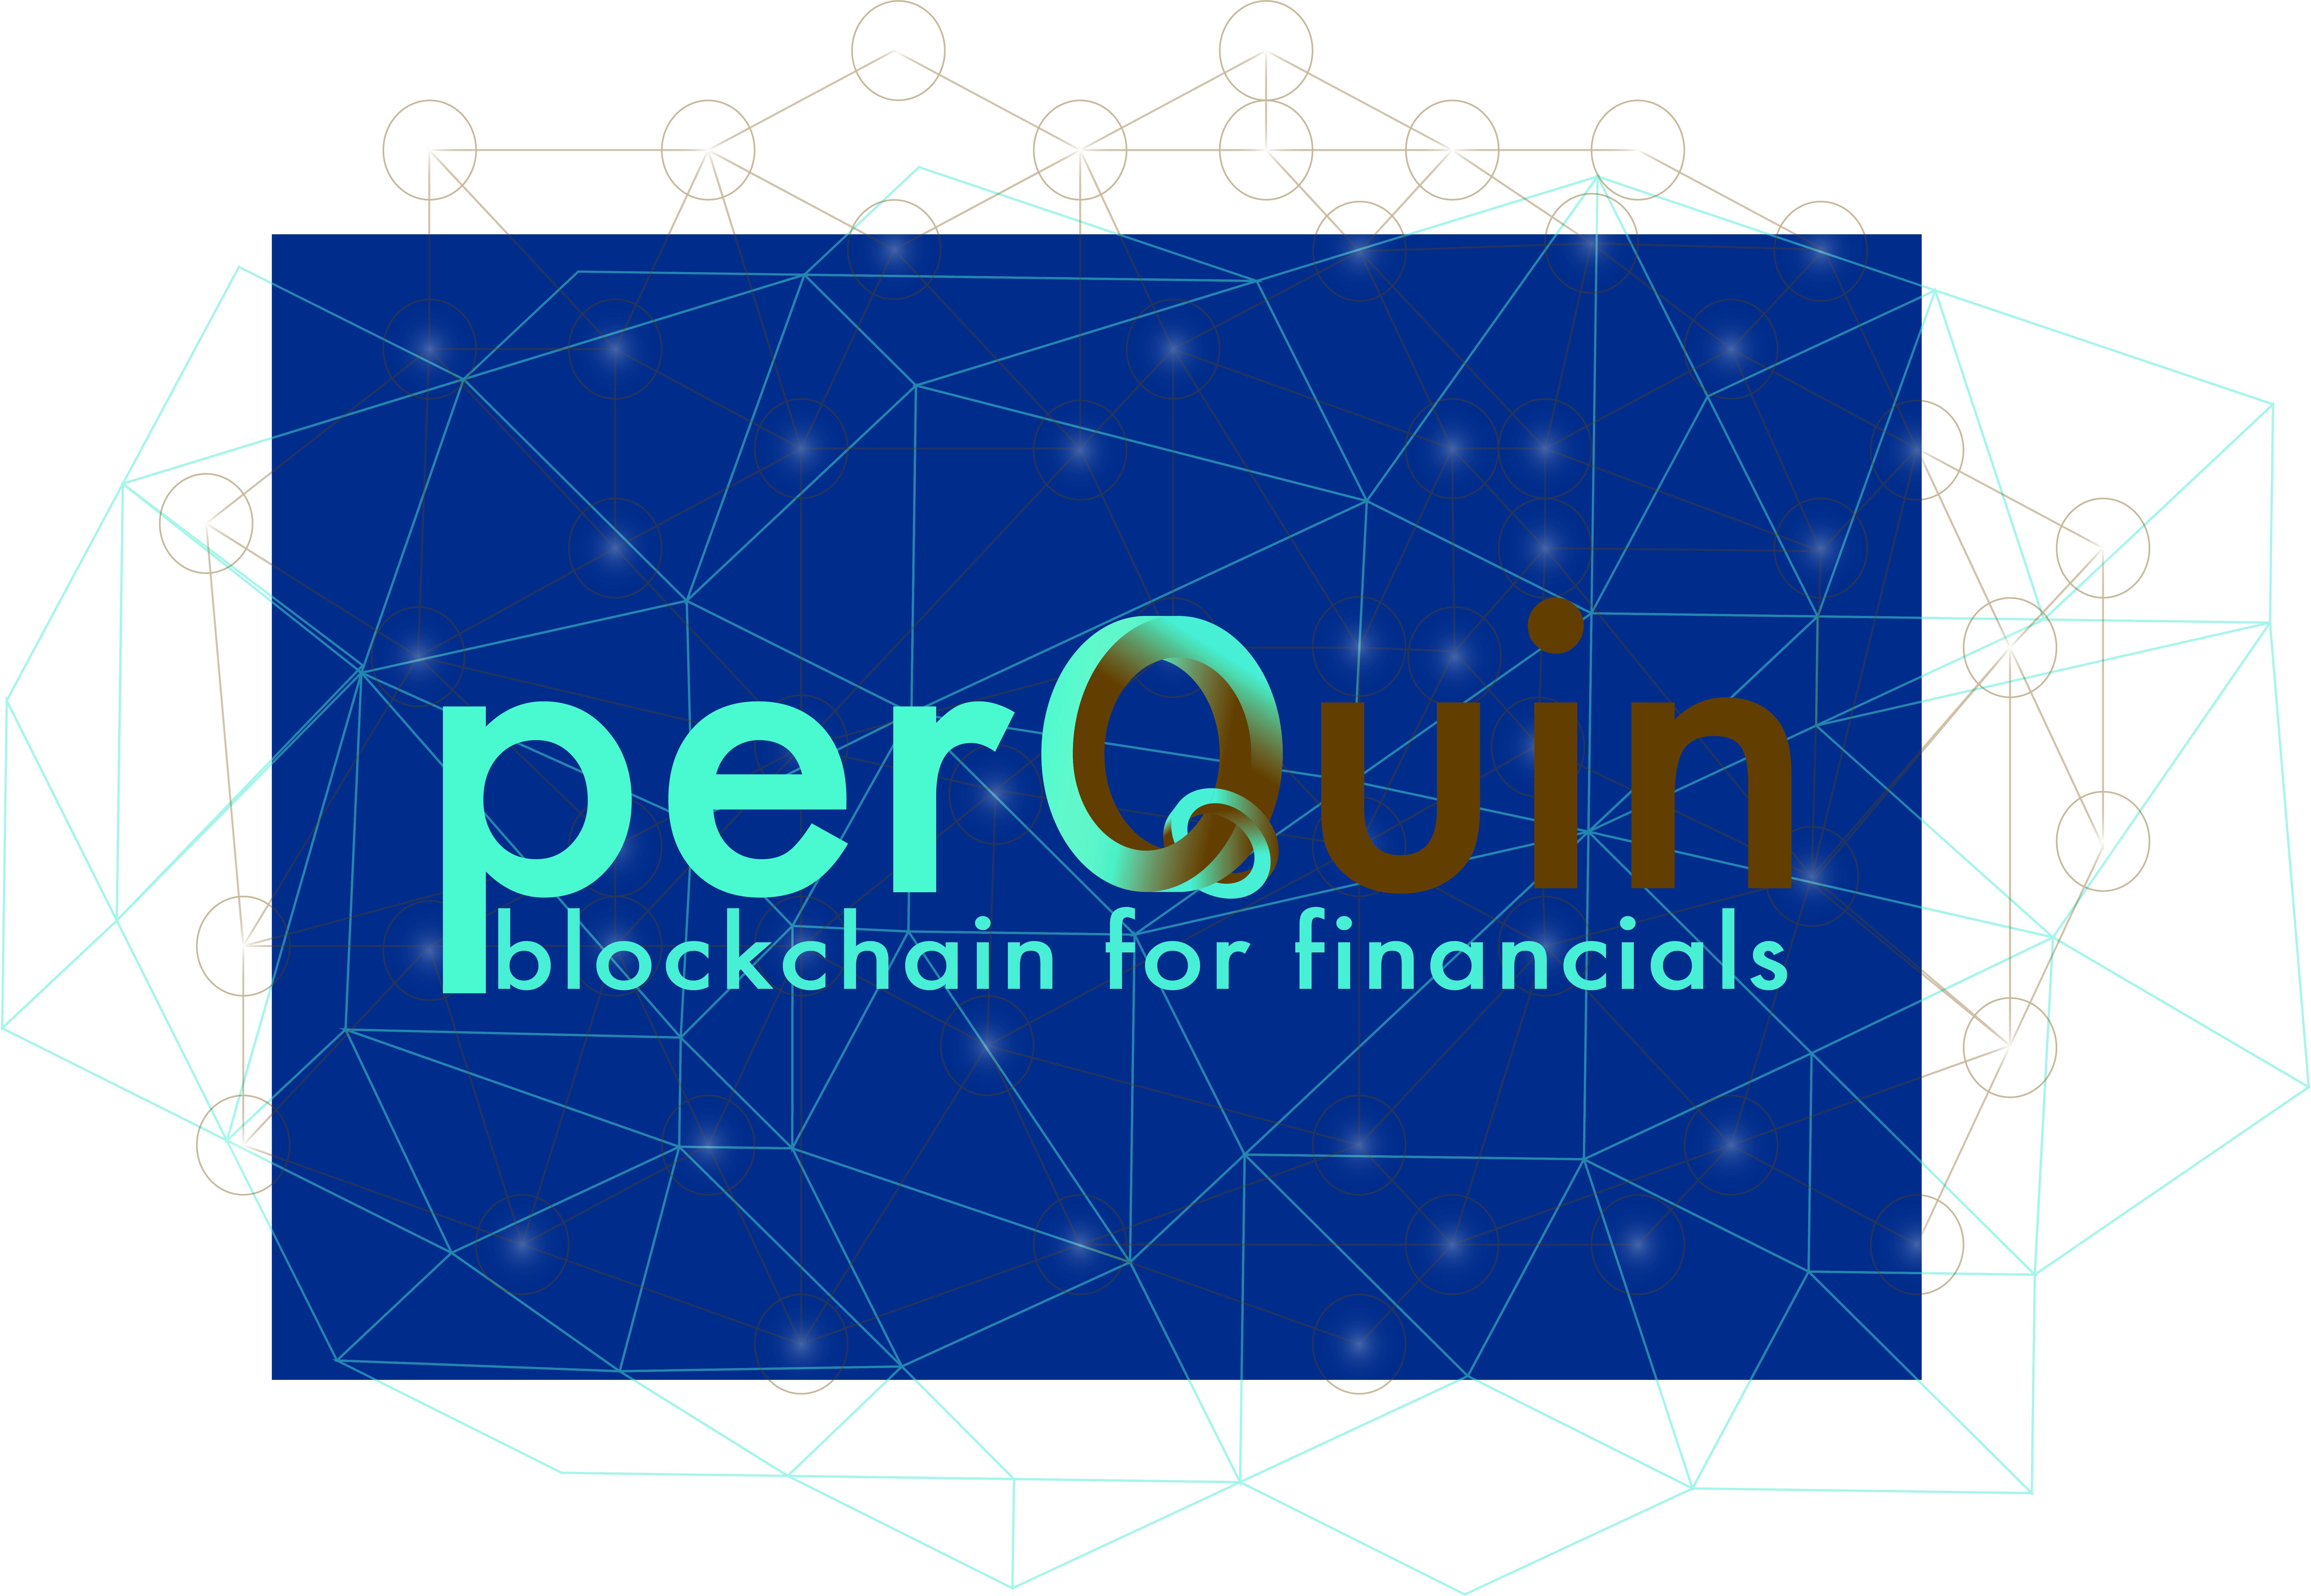 voorblad blauw met blockchain for financials